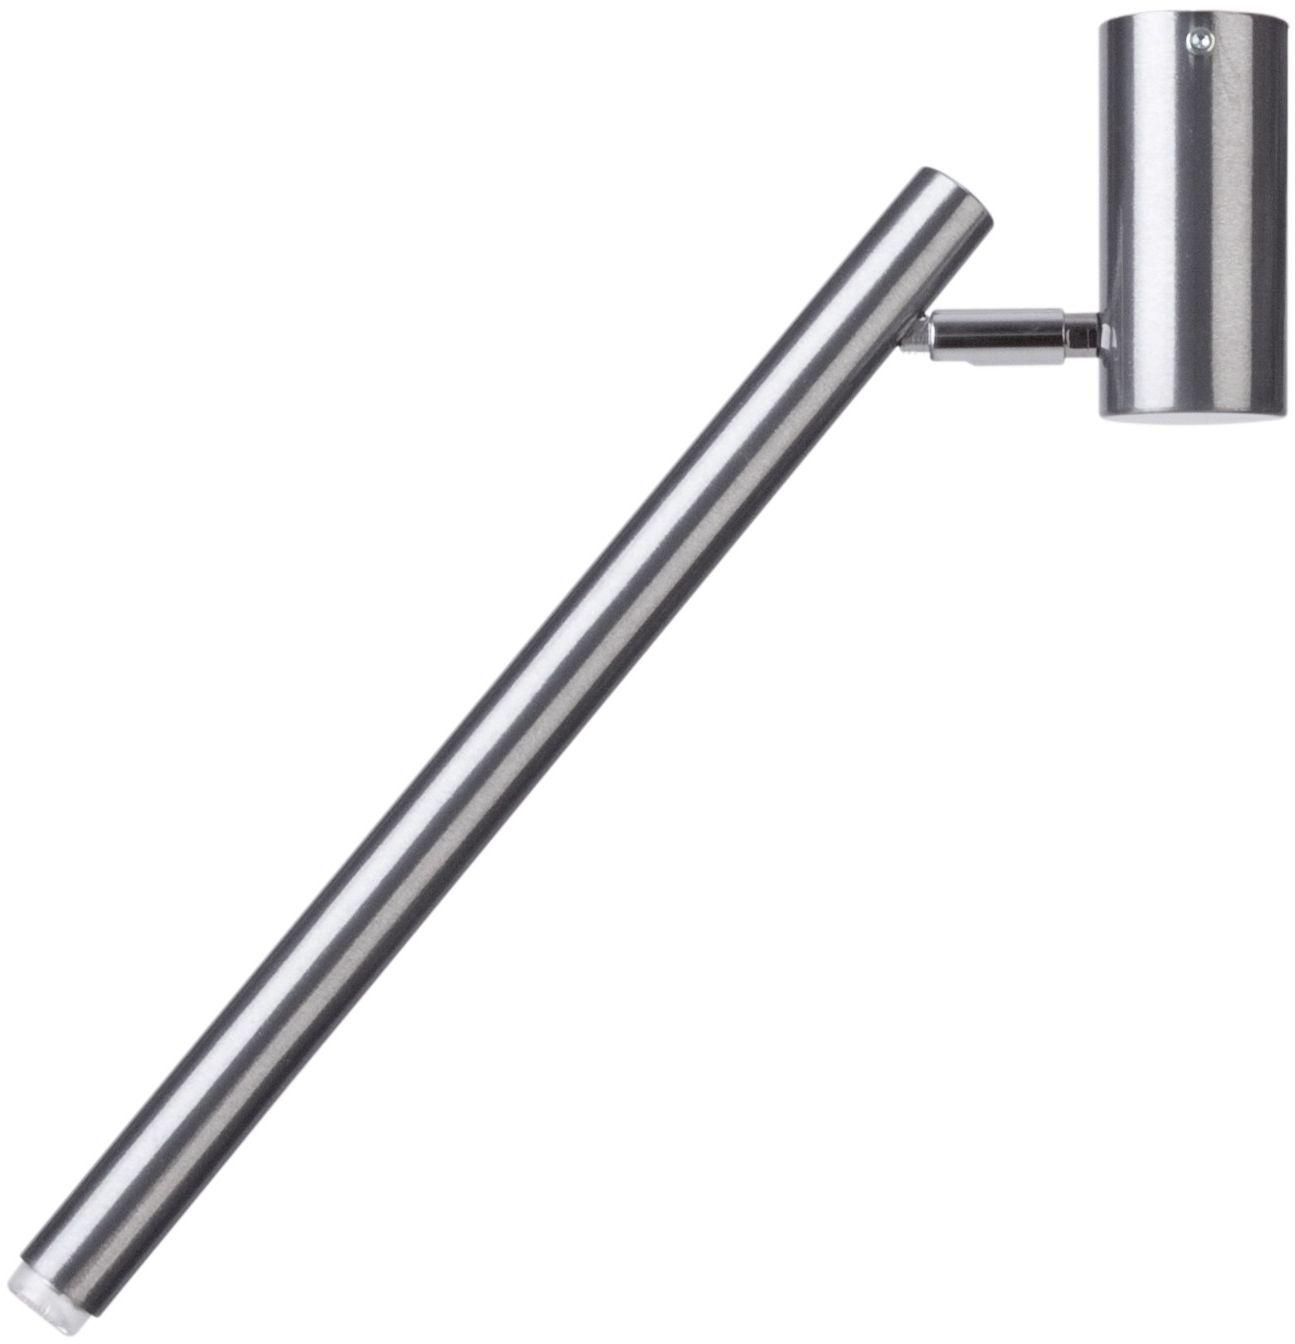 Lampa sufitowa SOPEL 1 PL długi srebrny 33164 - Sigma Do -17% rabatu w koszyku i darmowa dostawa od 299zł !